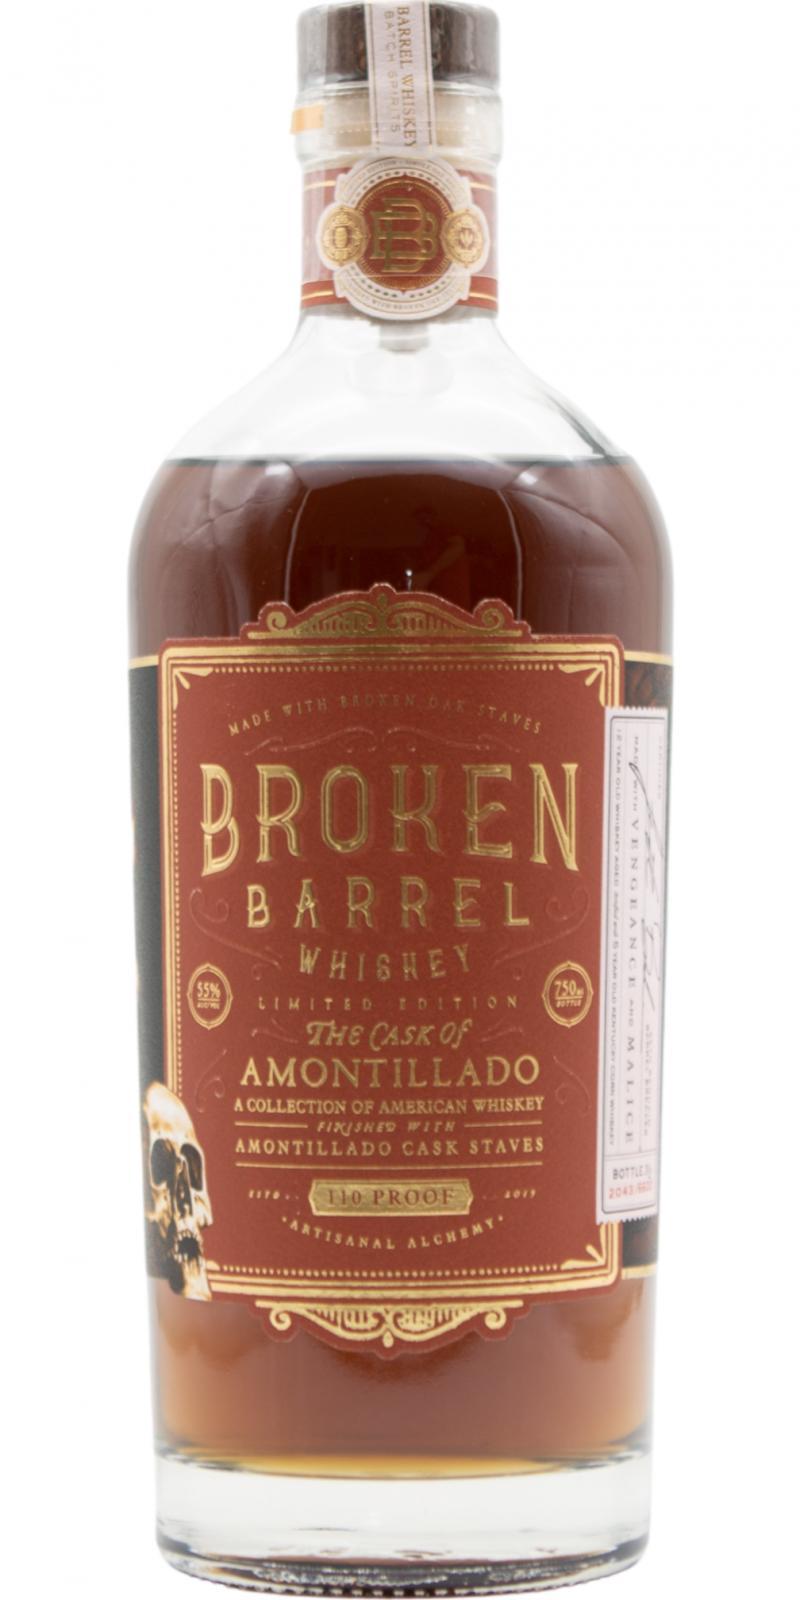 Broken Barrel The Cask of Amontillado